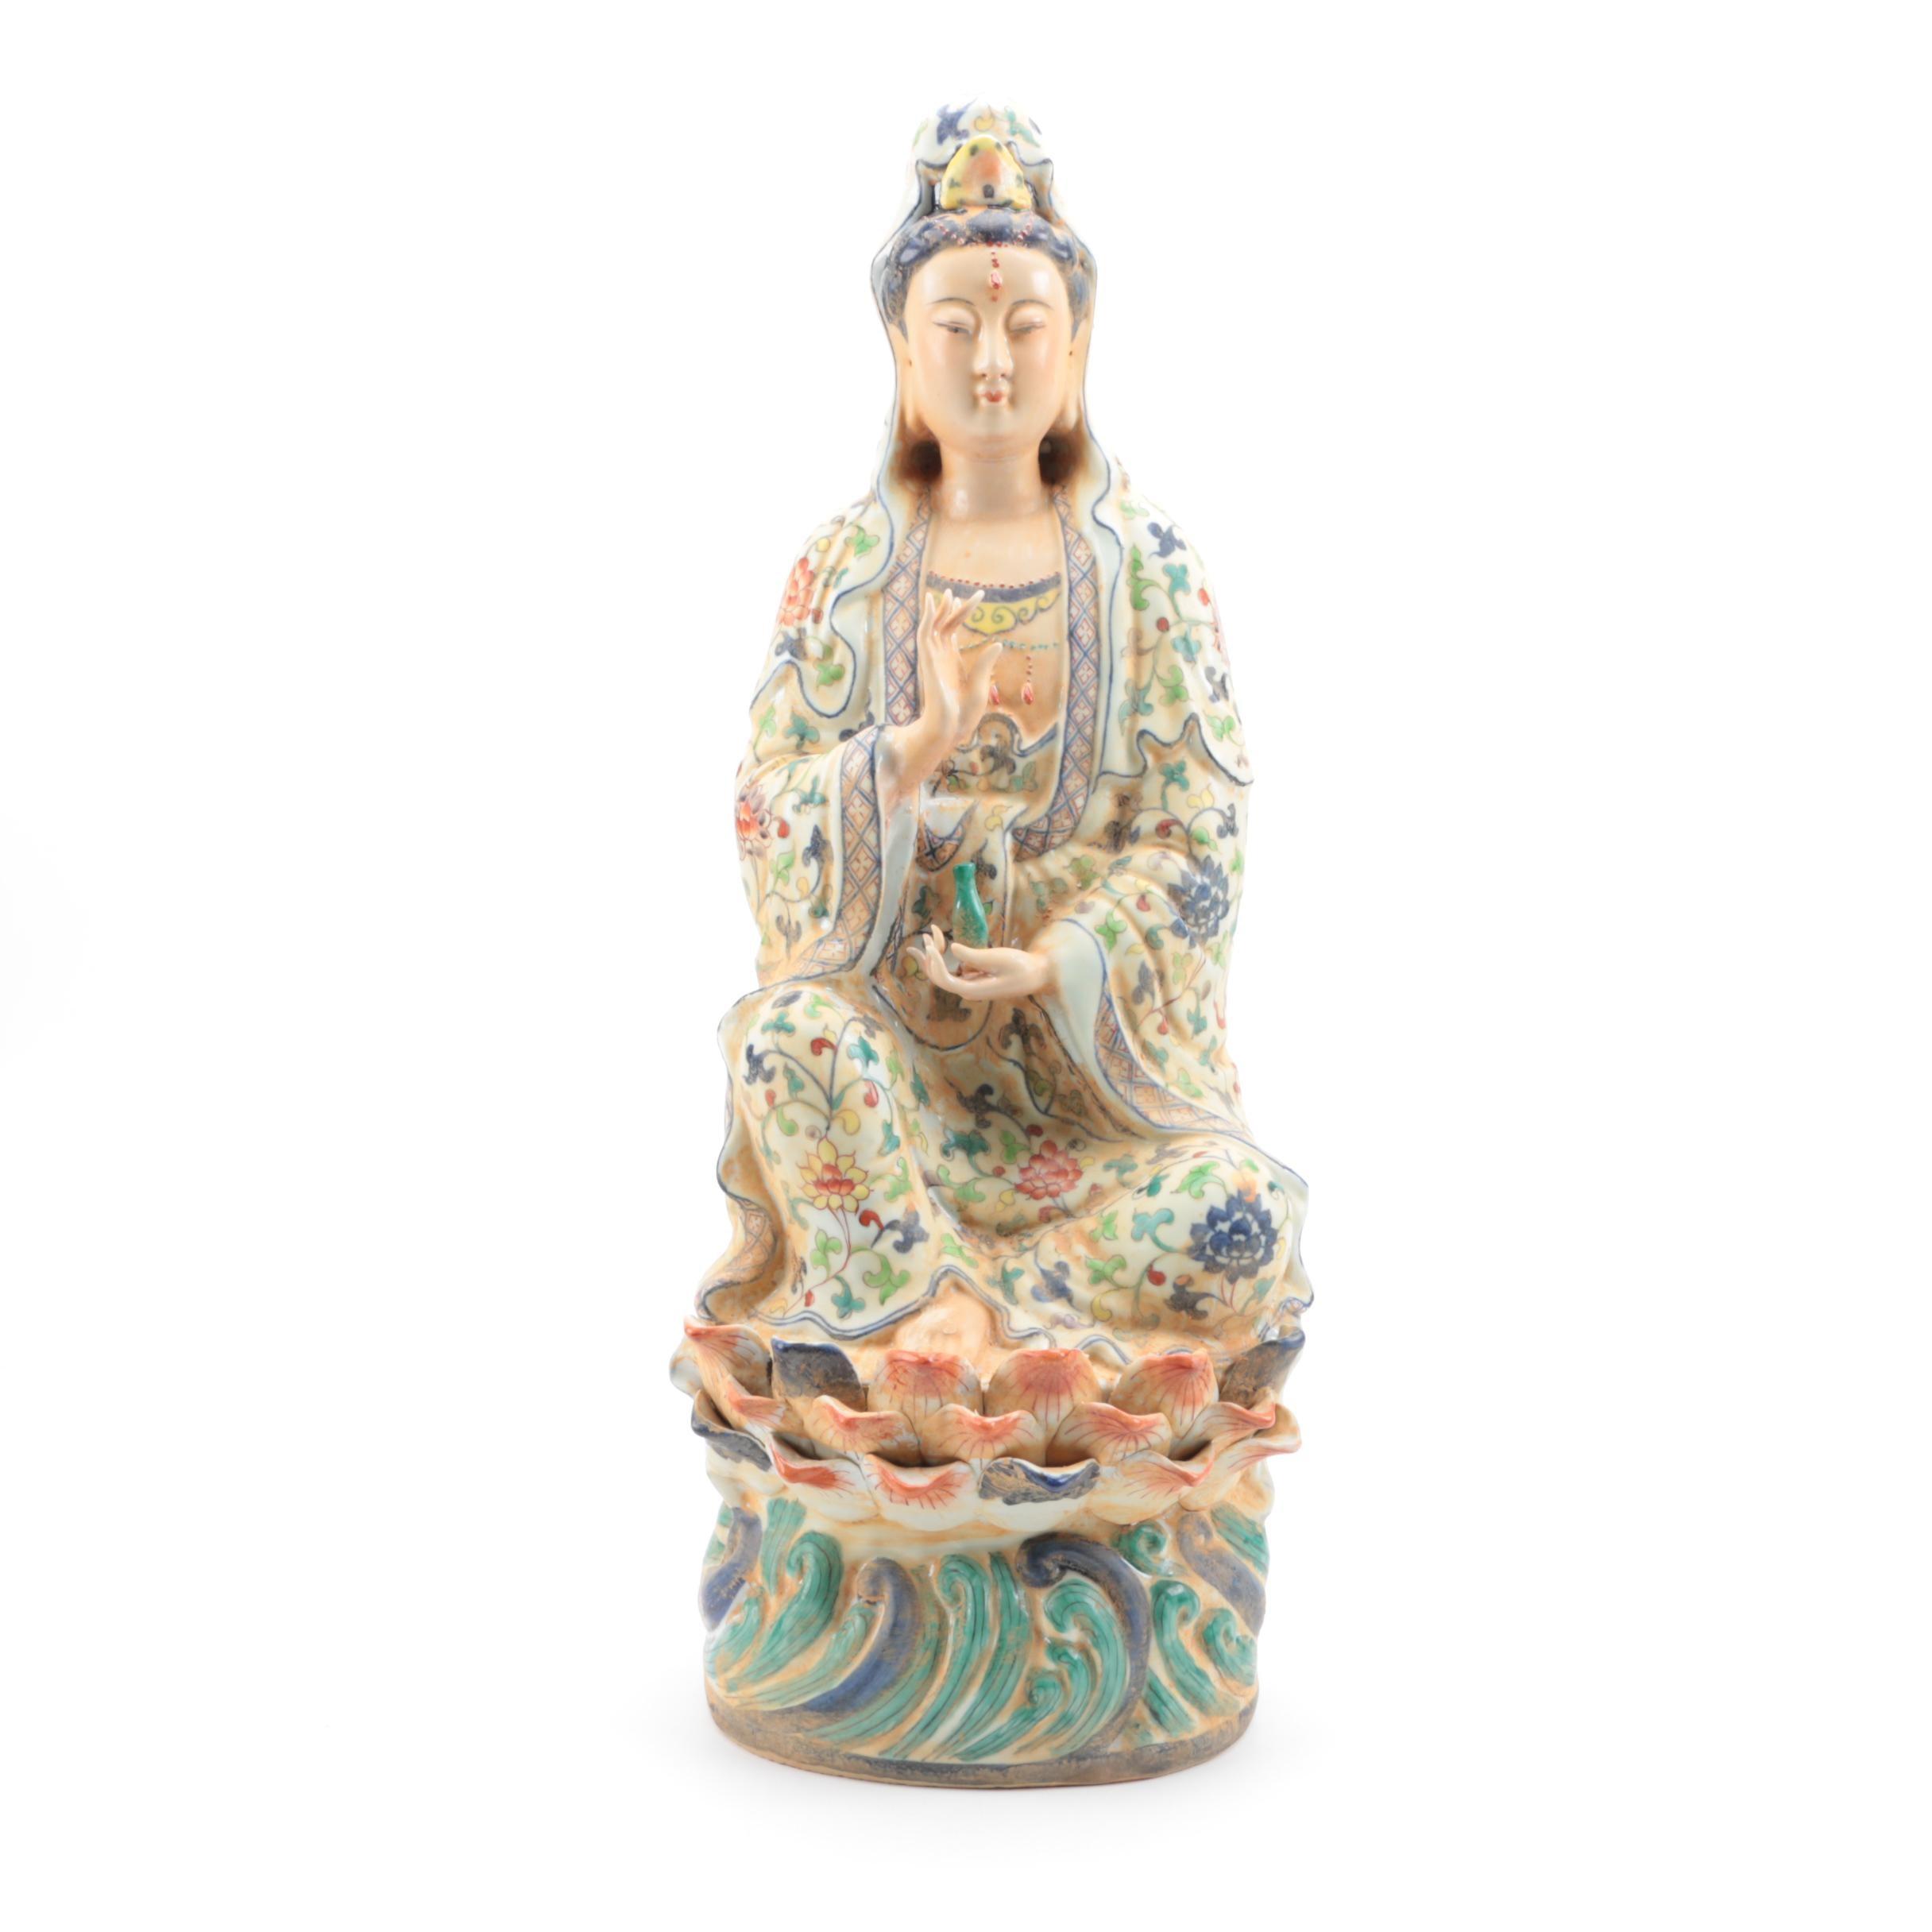 Ceramic Figurine of Guanyin